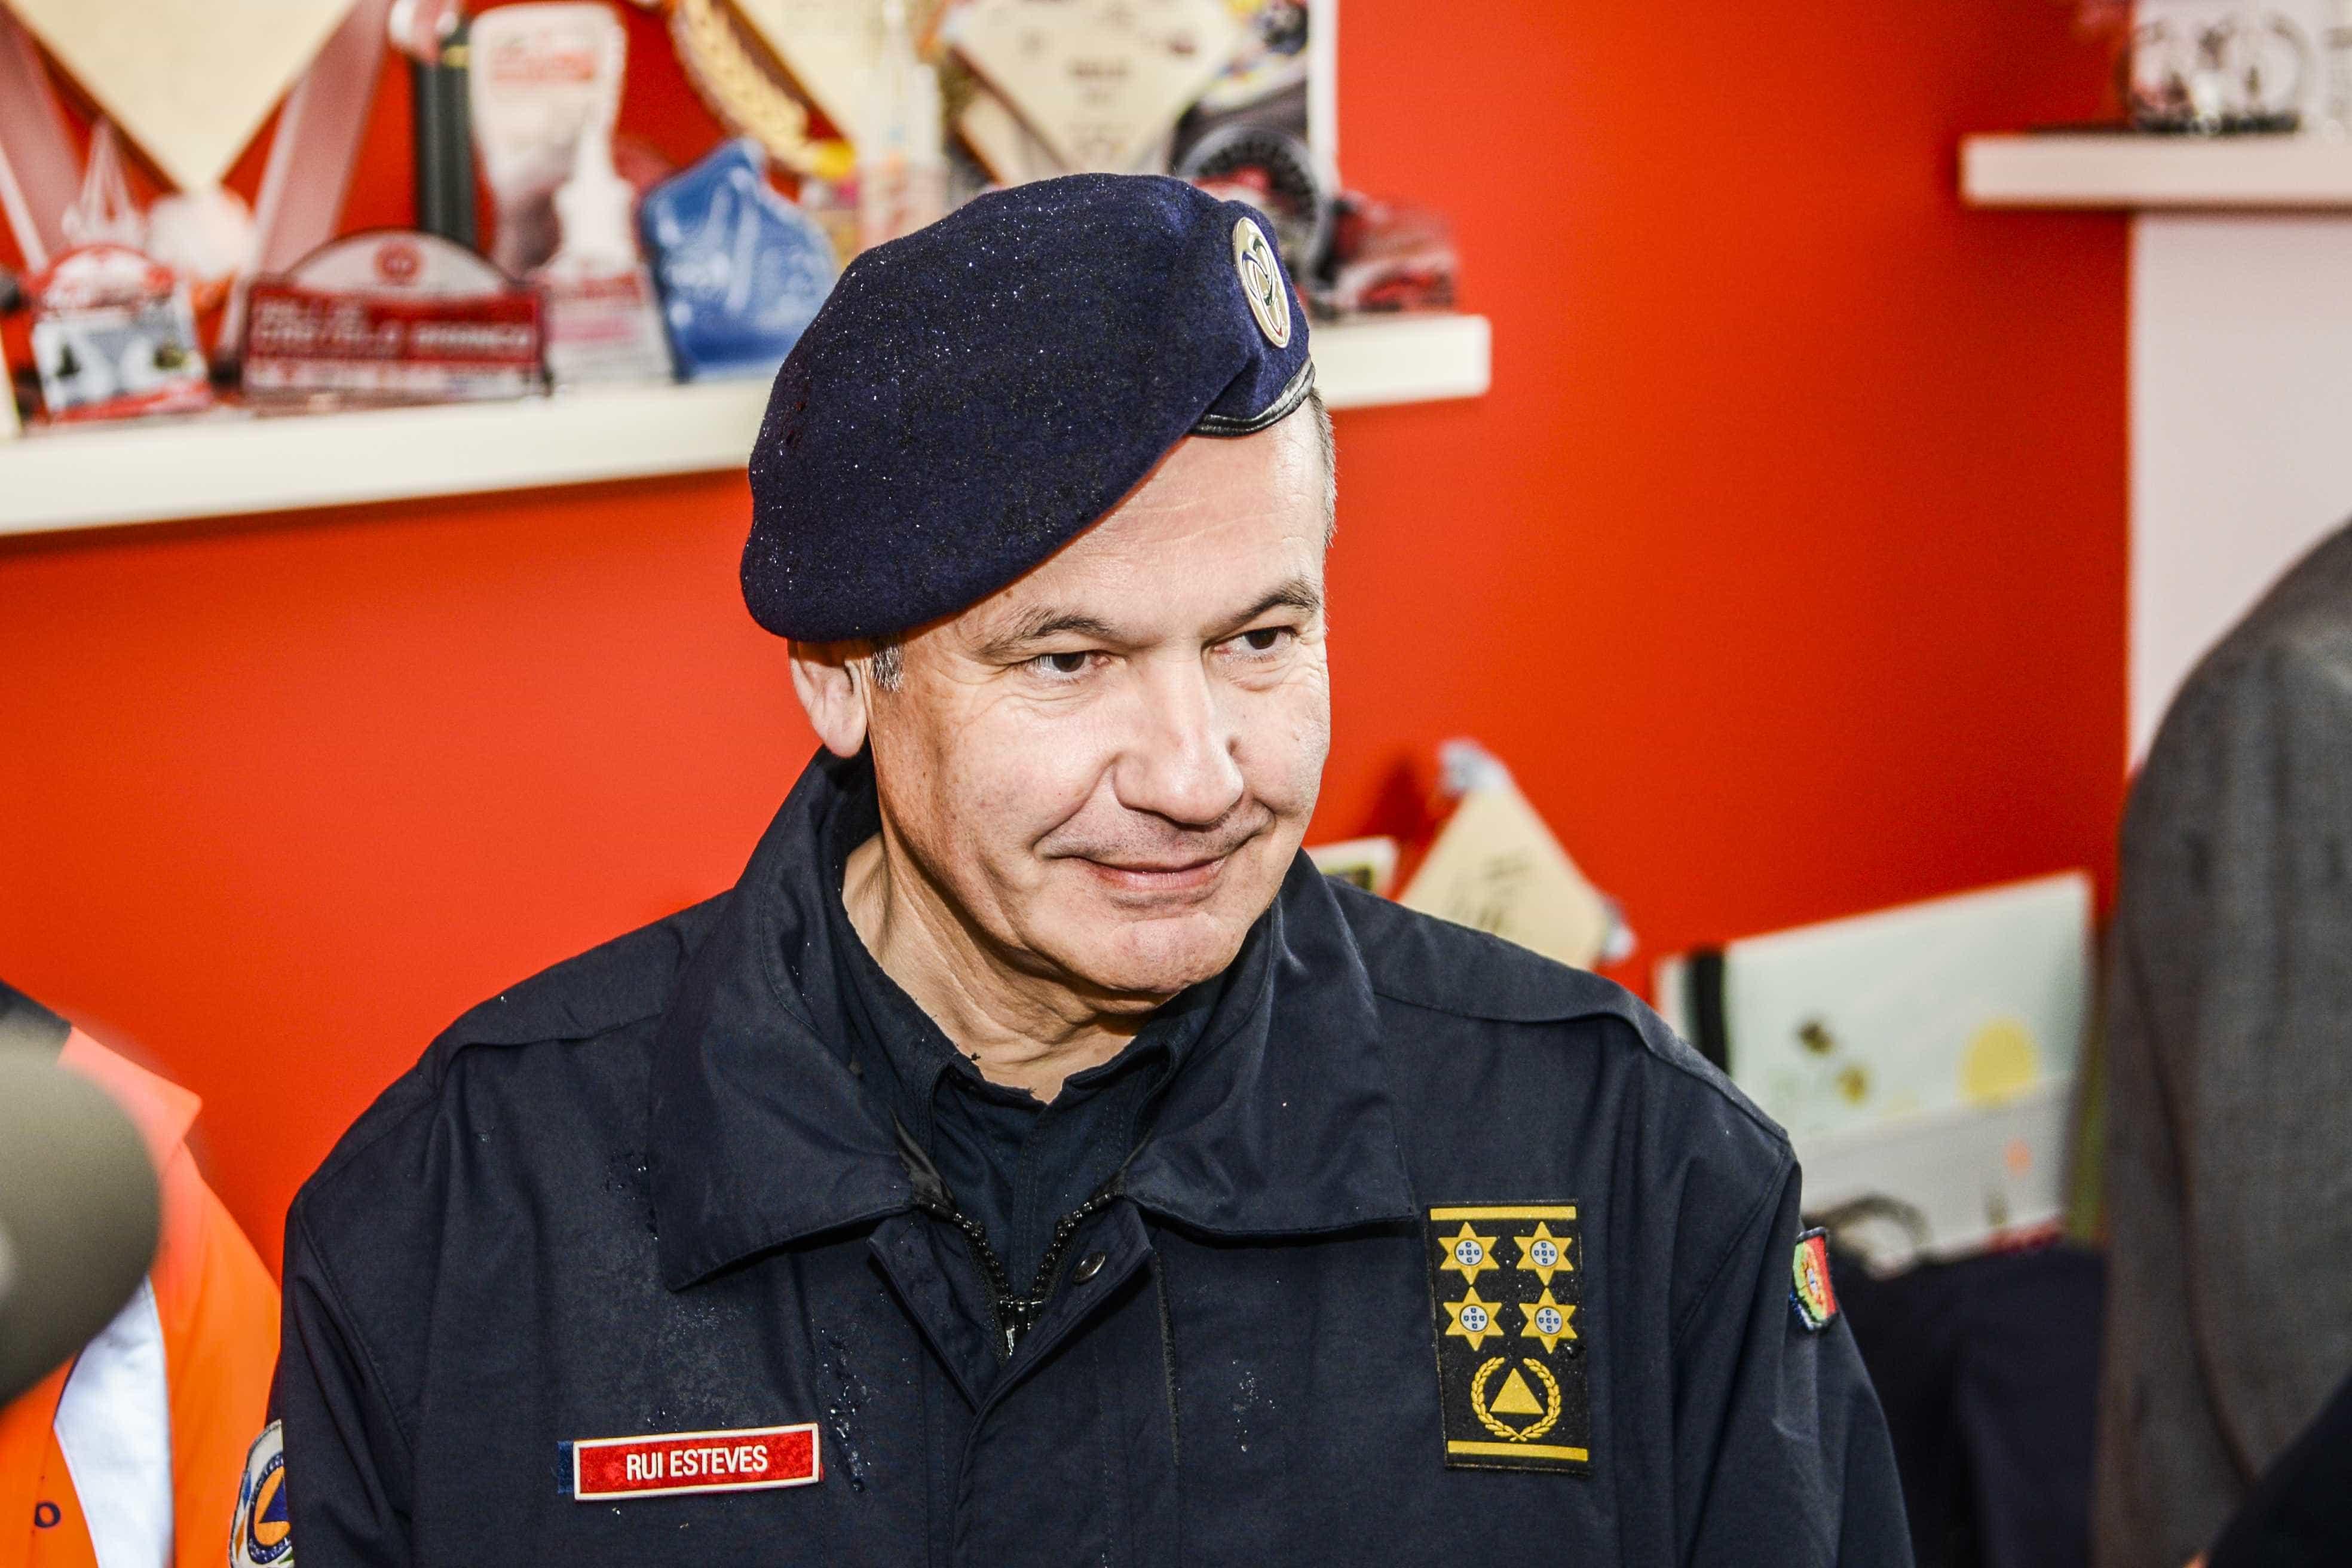 Licenciatura do antigo comandante nacional da Proteção Civil anulada